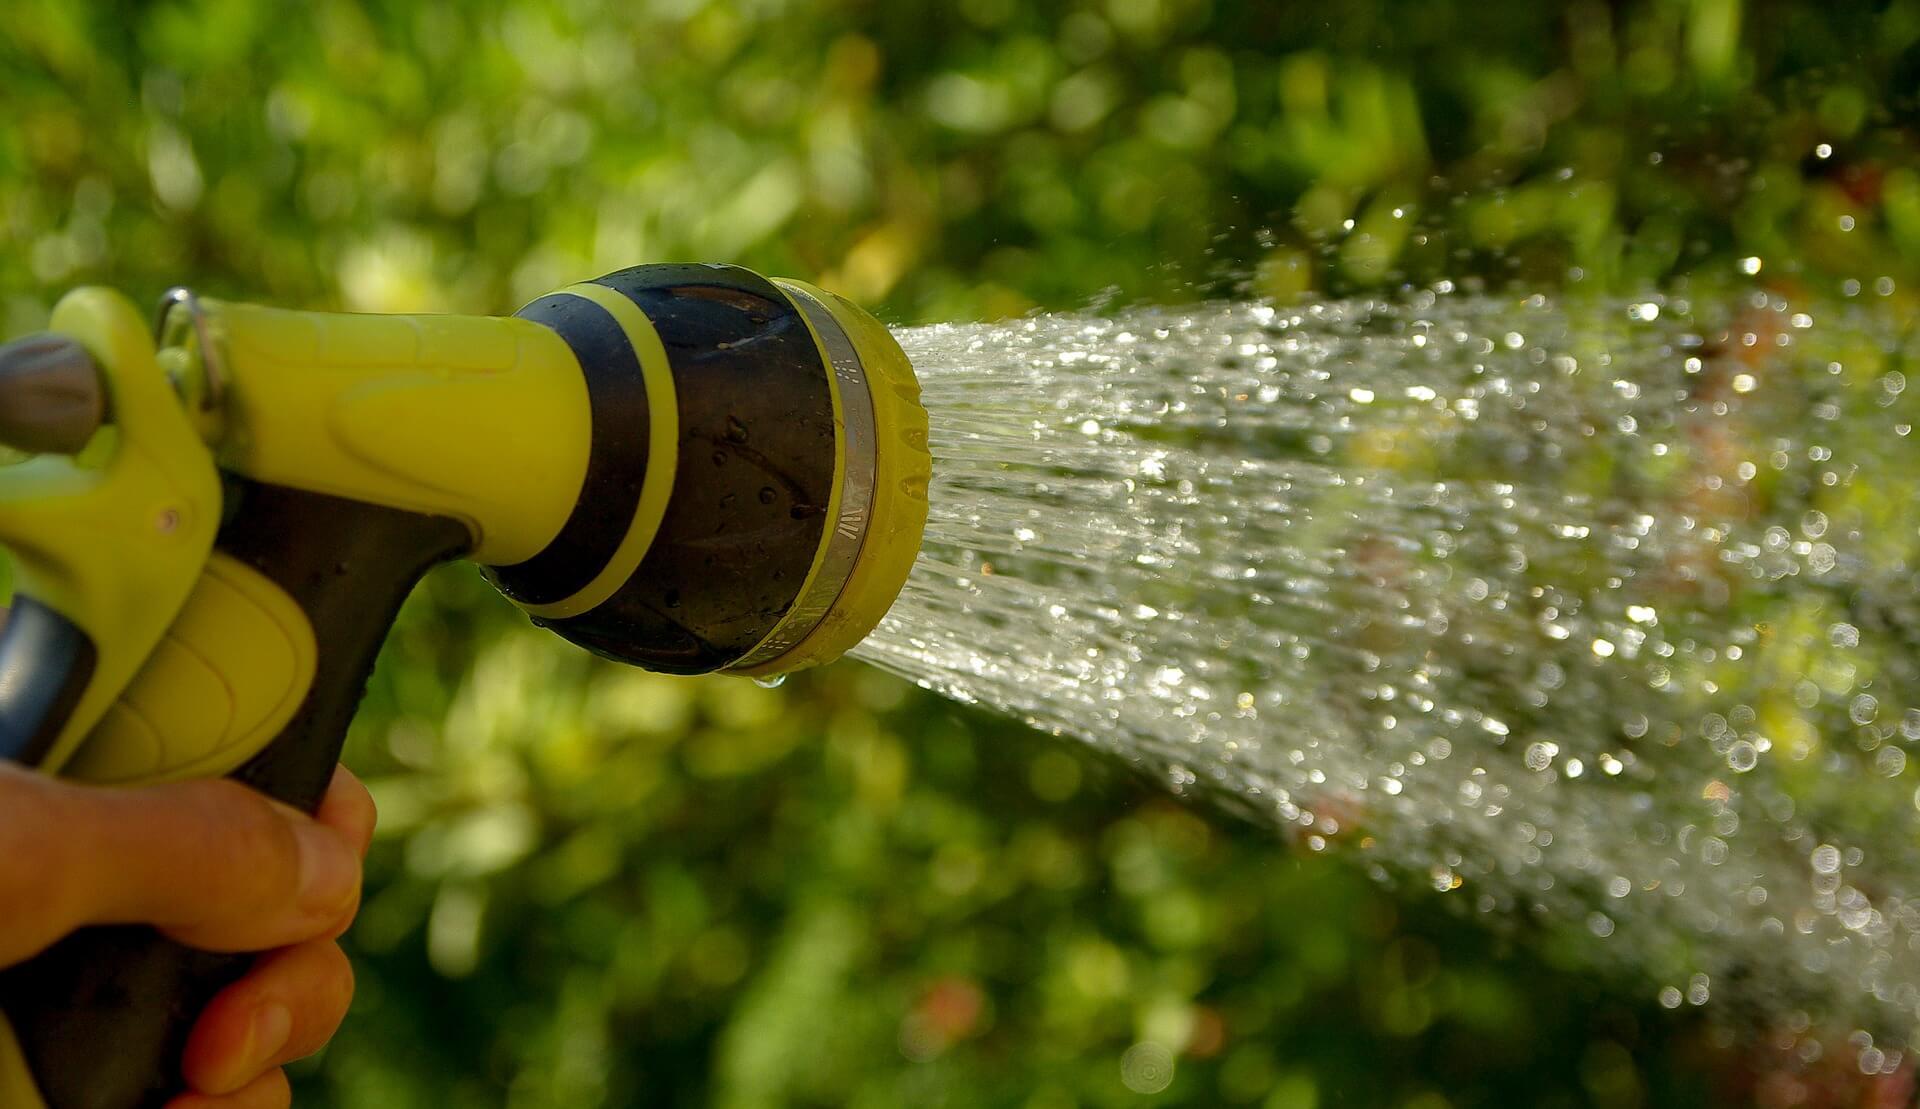 Hose with sprinkler system